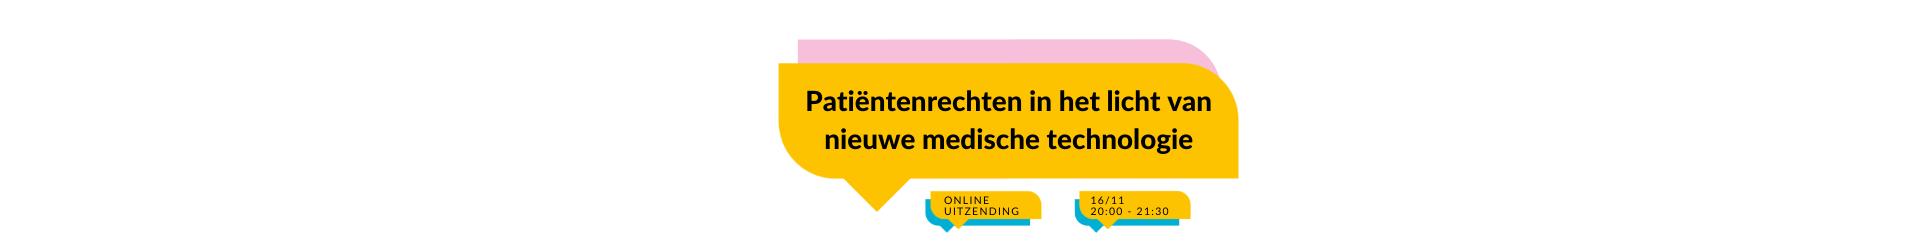 Patiëntenrechten in het licht van geavanceerde medische technologie